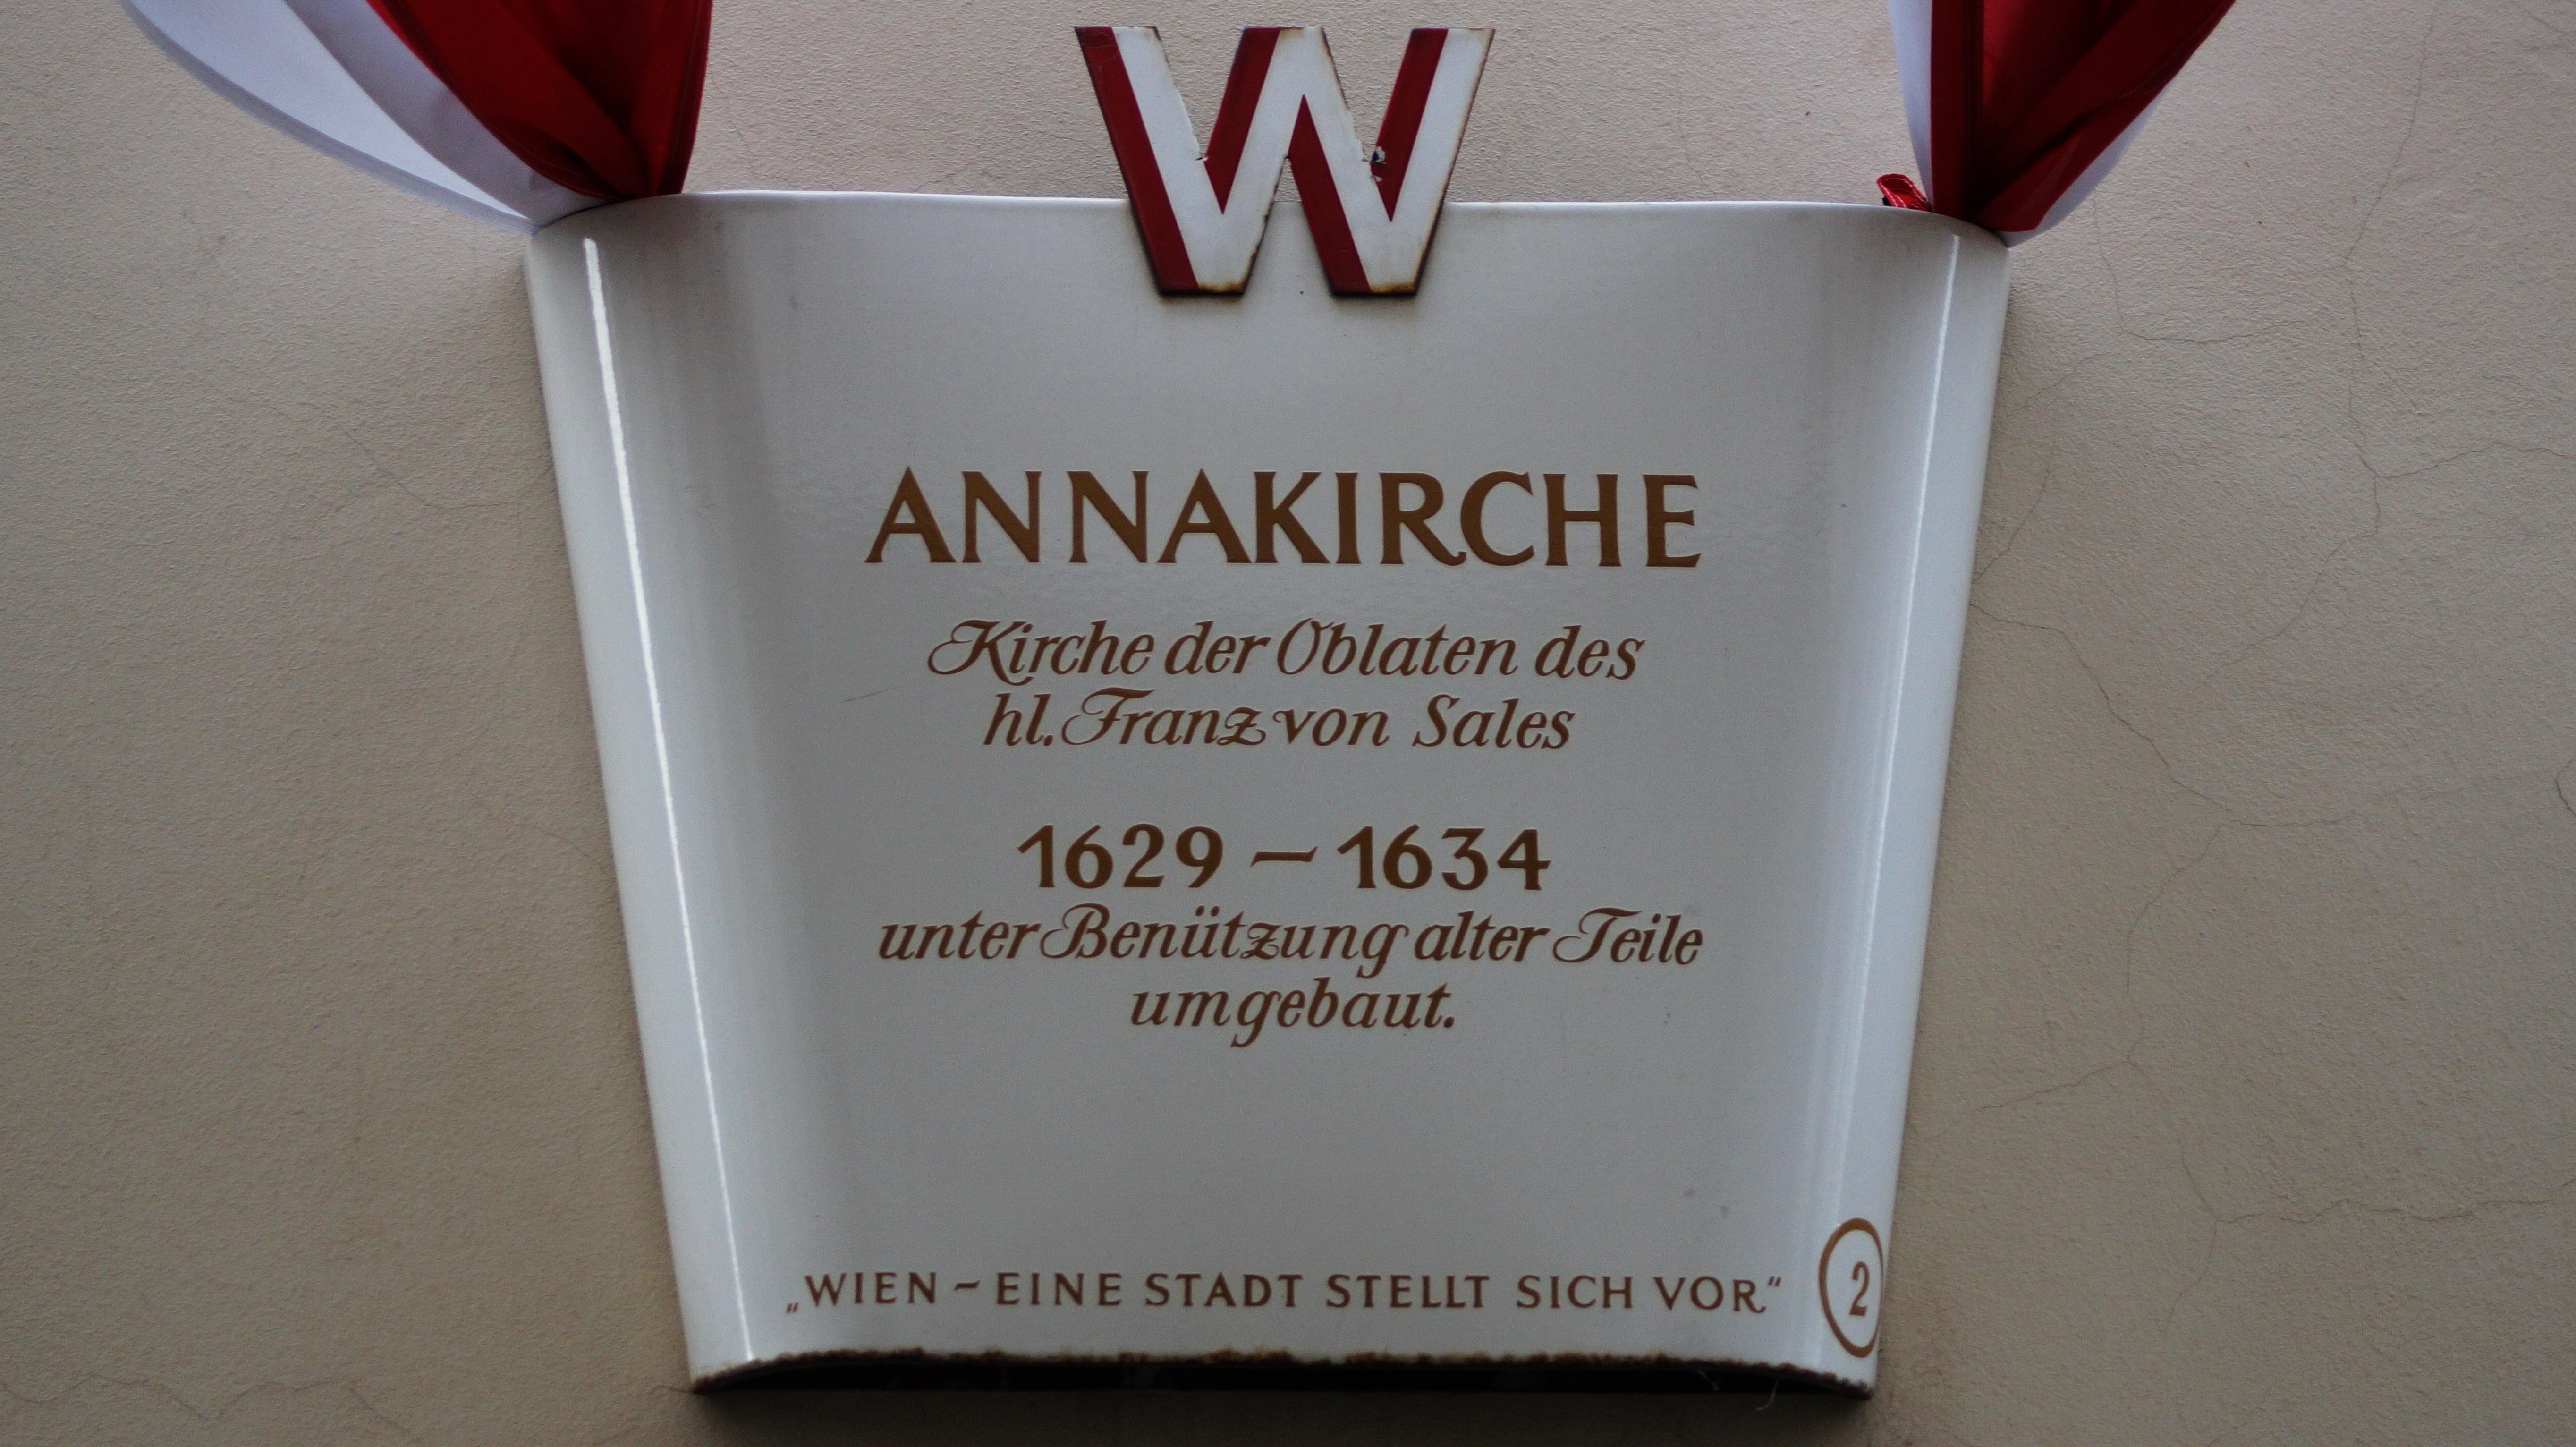 Annakirche - Kirche der Oblaten des Hl. Franz von Sales.JPG